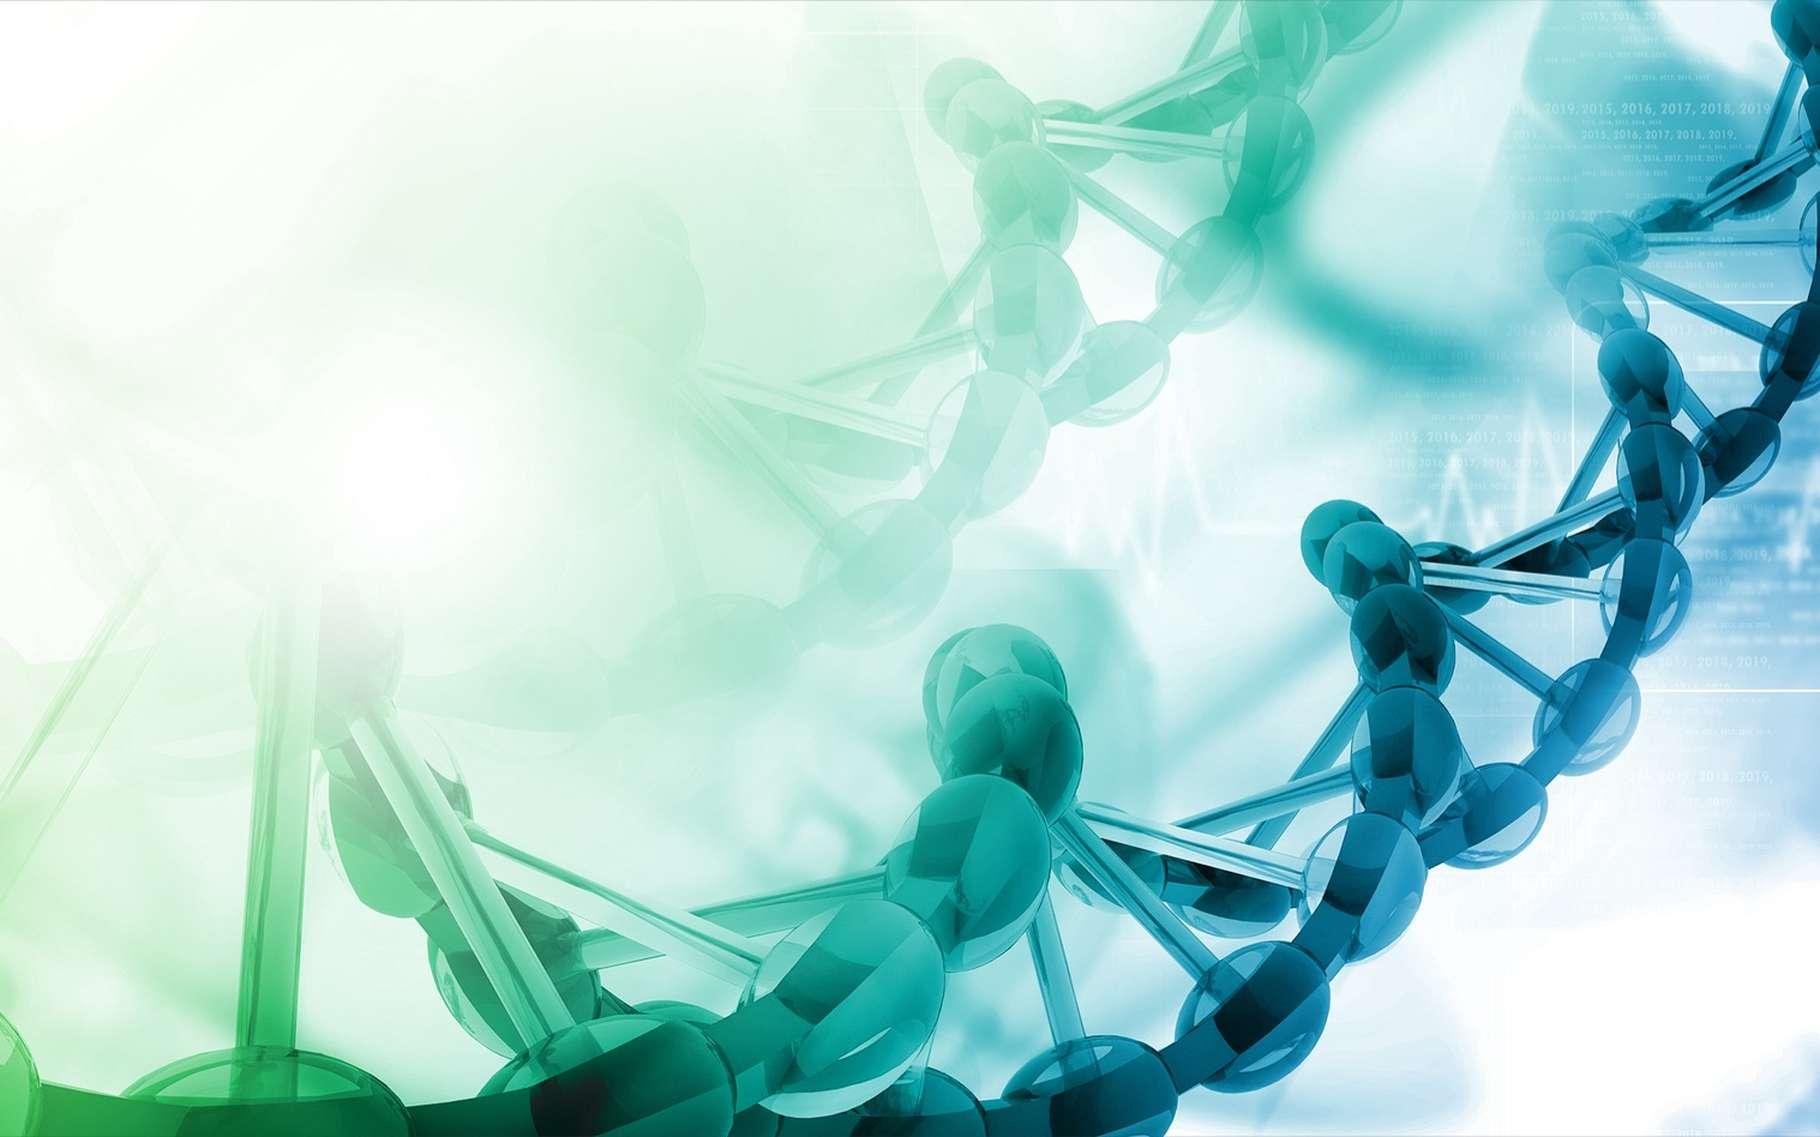 Les purines servent de base à des nucléotides de l'ADN. © hywards, Shutterstock